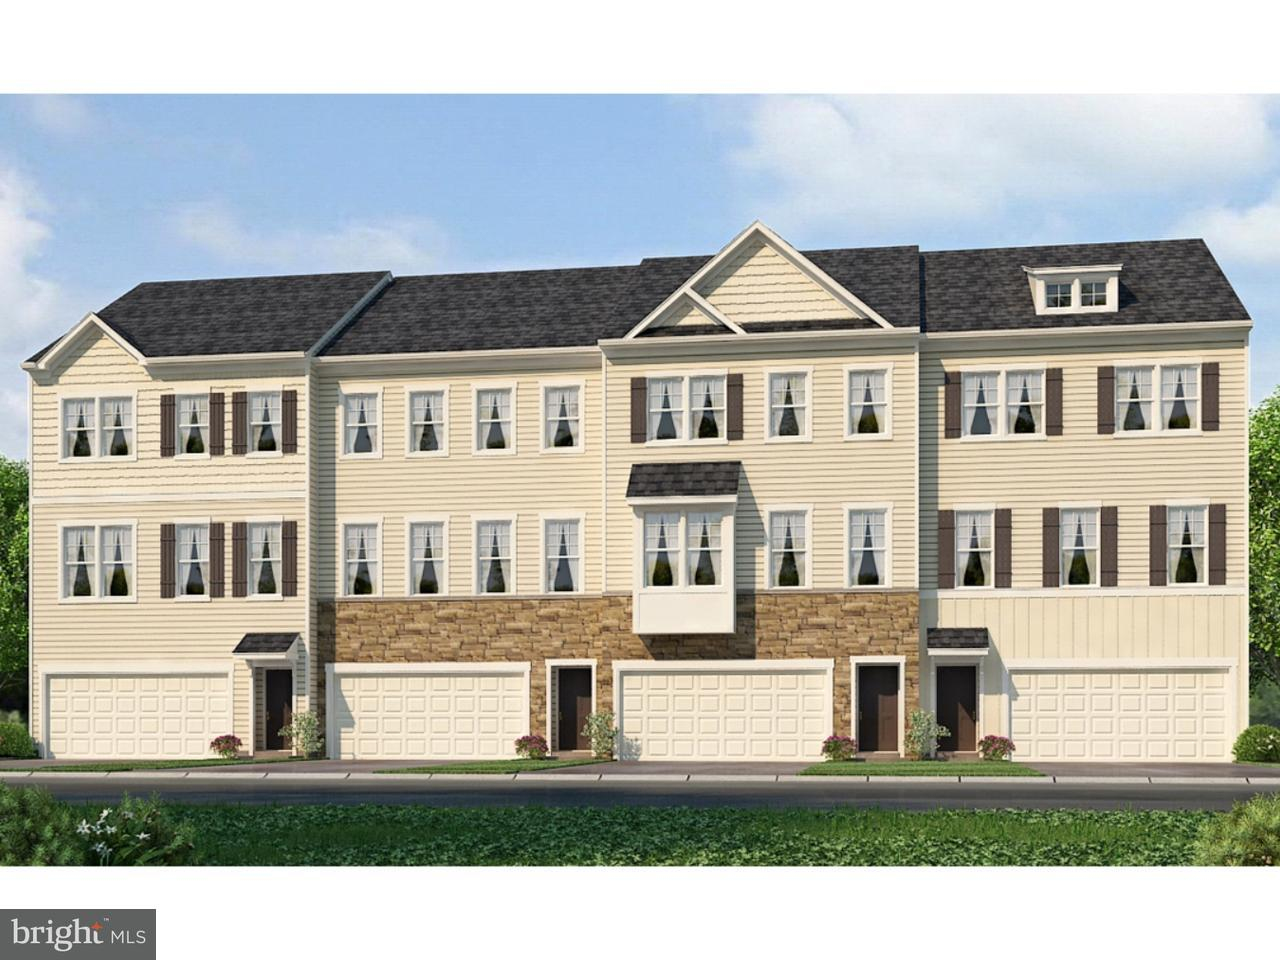 Radhus för Försäljning vid 25 SULLIVAN WAY Marlton, New Jersey 08053 Usa